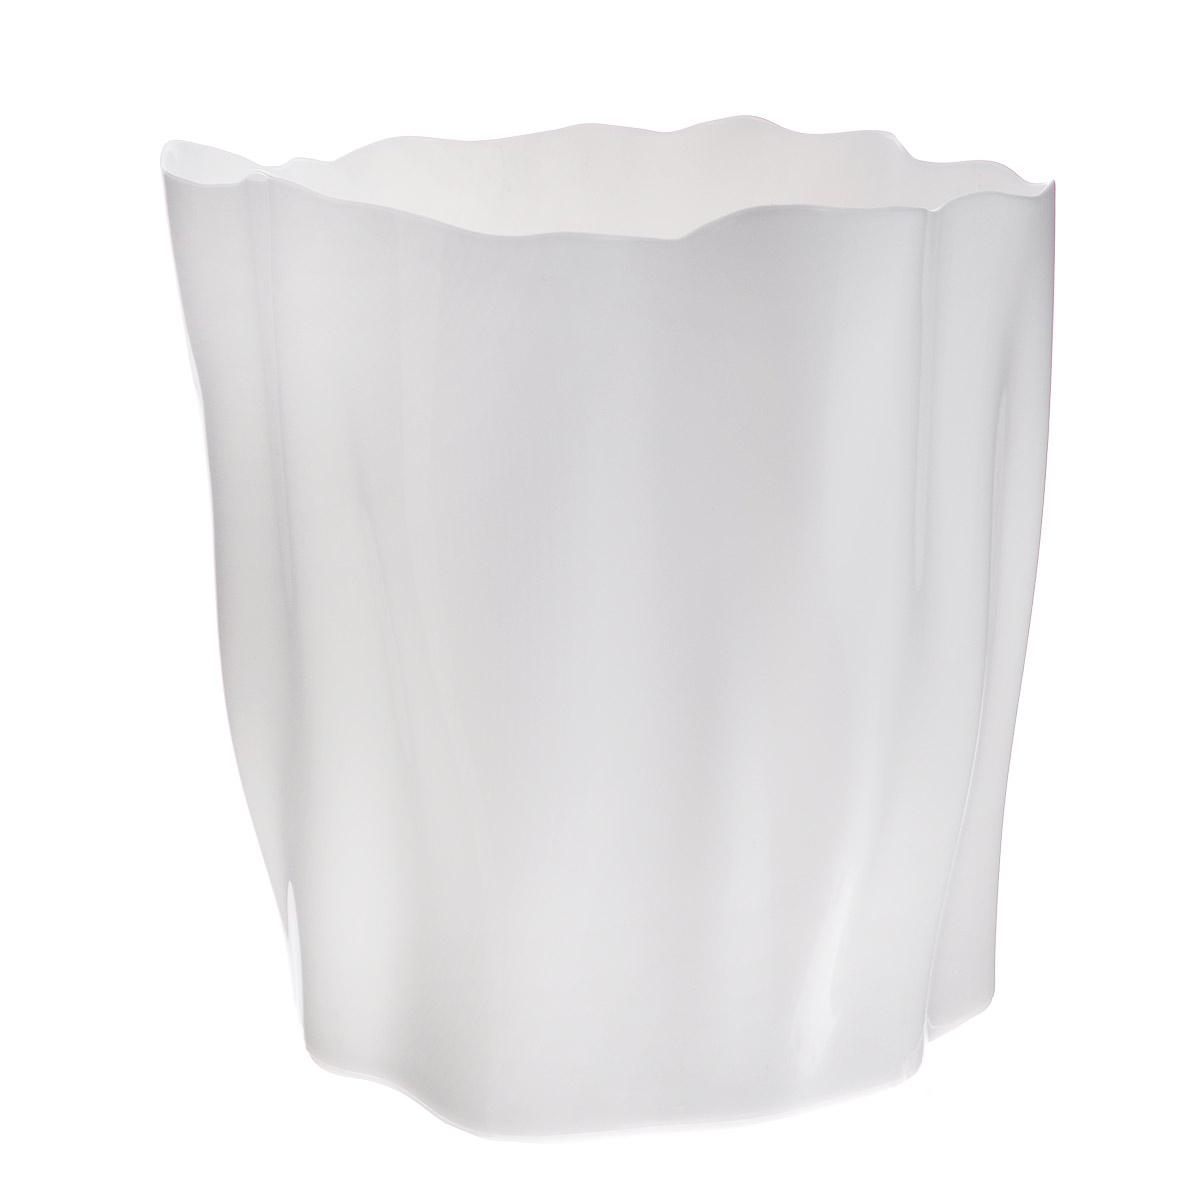 """Органайзер Qualy Flow, большой, цвет: белый, диаметр 27 смUP210DFОрганайзер Qualy """"Flow"""" может пригодиться на кухне, в ванной, в гостиной, на даче, на природе, в городе, в деревне. В него можно складывать фрукты, овощи, хлеб, кухонные приборы и аксессуары, всевозможные баночки, можно использовать органайзер как мусорную корзину, вазу. Все зависит от вашей фантазии и от хозяйственных потребностей! Пластиковый оригинальный органайзер пригодится везде!Диаметр: 27 см.Высота стенки: 28 см."""